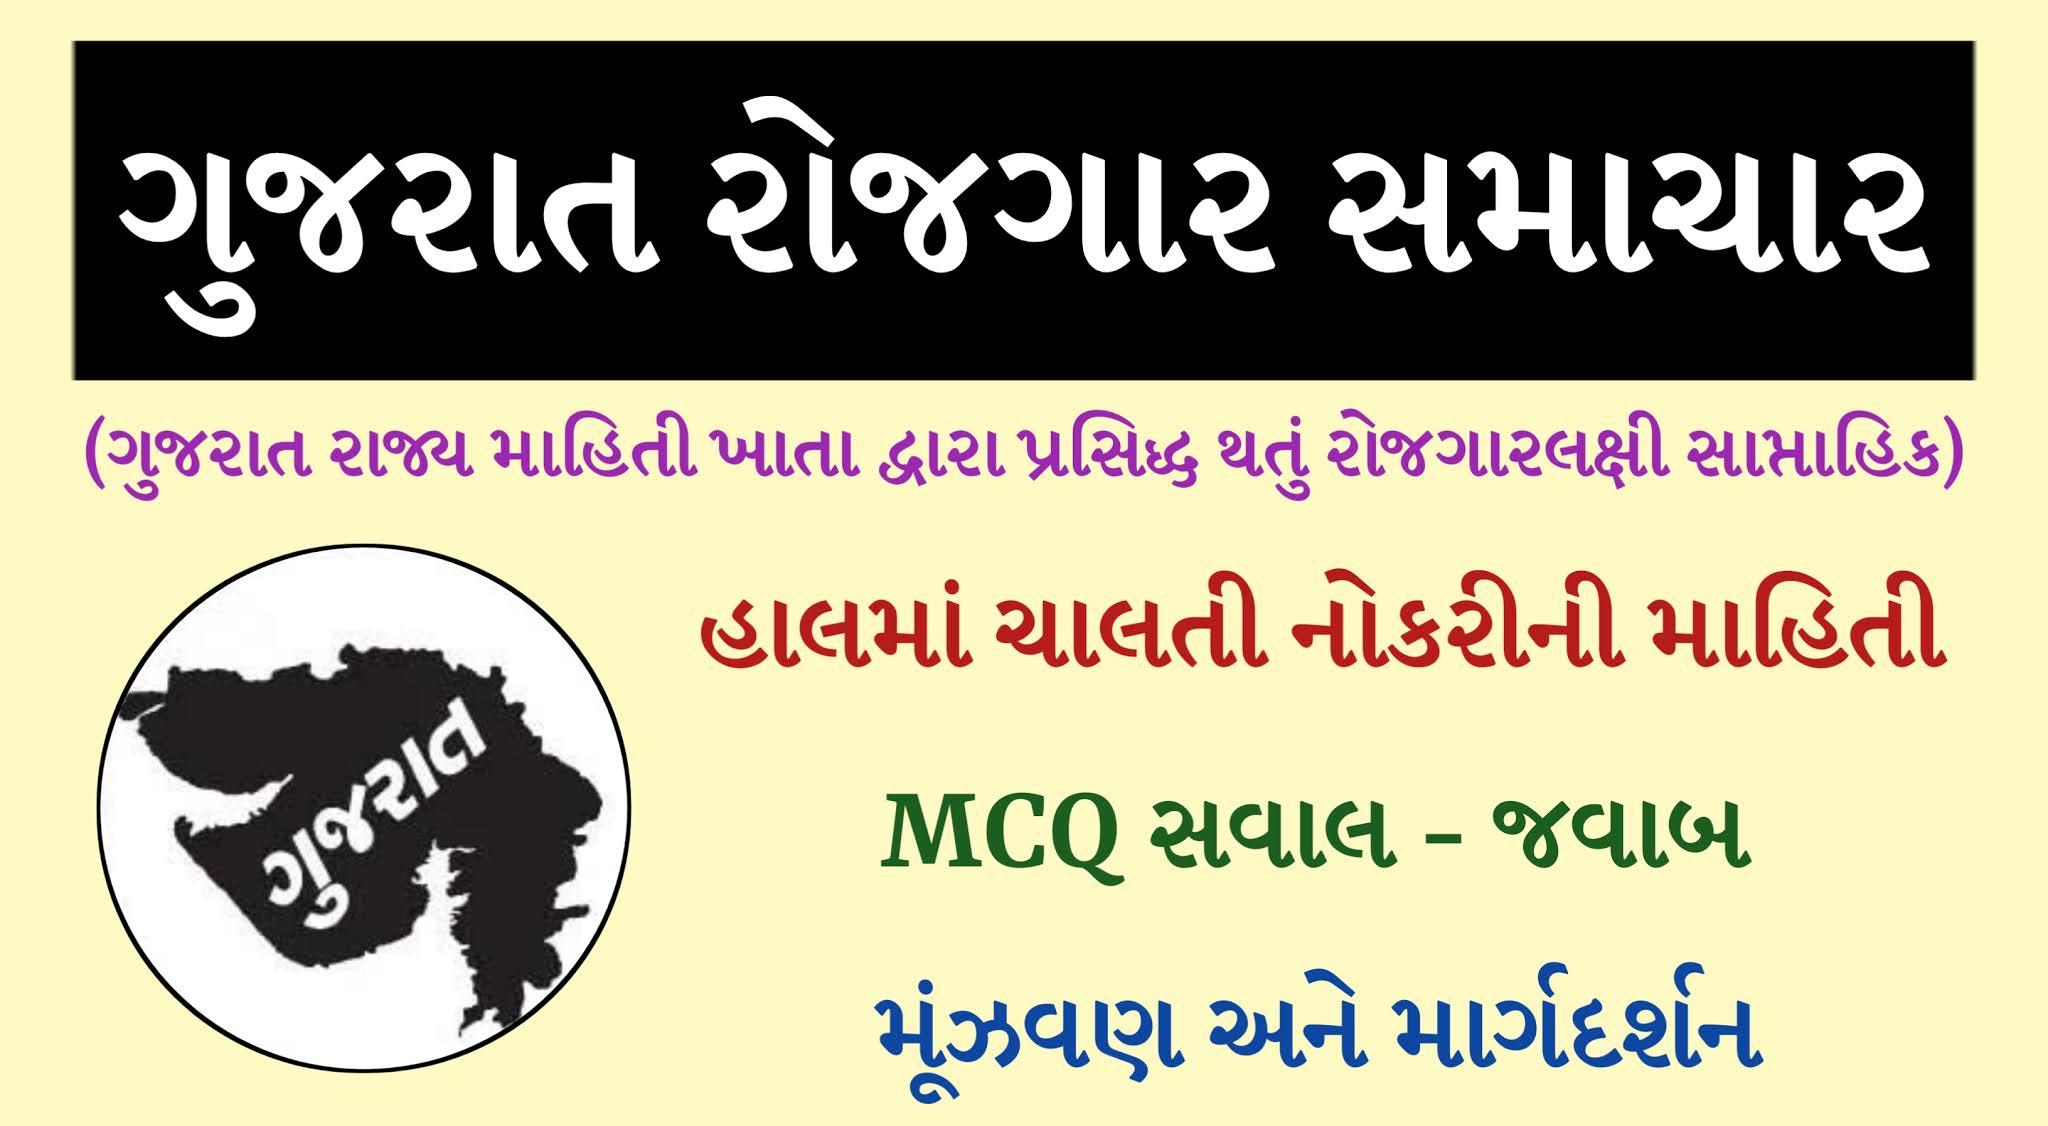 Gujarat Rozgaar Samachar | Gujarat Rojgar Samachar | Download Gujarat Rojgar Samachar PDF | Download Gujarat Rozgaar Samachar PDF | Gujarat Rozgaar Samachar PDF | Gujarat Rojgar Samachar PDF| Gujarat Rojgar | Gujarat Rozgaar | Gujarat Rojgar Samachar WhatsApp Group Link | Gujarat Rojgar Samachar Weekly | Gujarat Rojgar Samachar PDF File Download | Gujarat Rozgaar Samachar PDF File Download | Download Rojgar Samachar PDF in Gujarati | download Gujarat Rojgar Samachar | Rojgar Samachar Gujarat | Rozgaar Samachar Gujarat | Rozgaar Samachar PDF | રોજગાર સમાચાર | રોજગાર સમાચાર pdf | રોજગાર સમાચાર ગુજરાત | ગુજરાત રોજગાર સમાચાર 2021 | ગુજરાત રોજગાર સમાચાર | રોજગાર સમાચાર ડાઉનલોડ